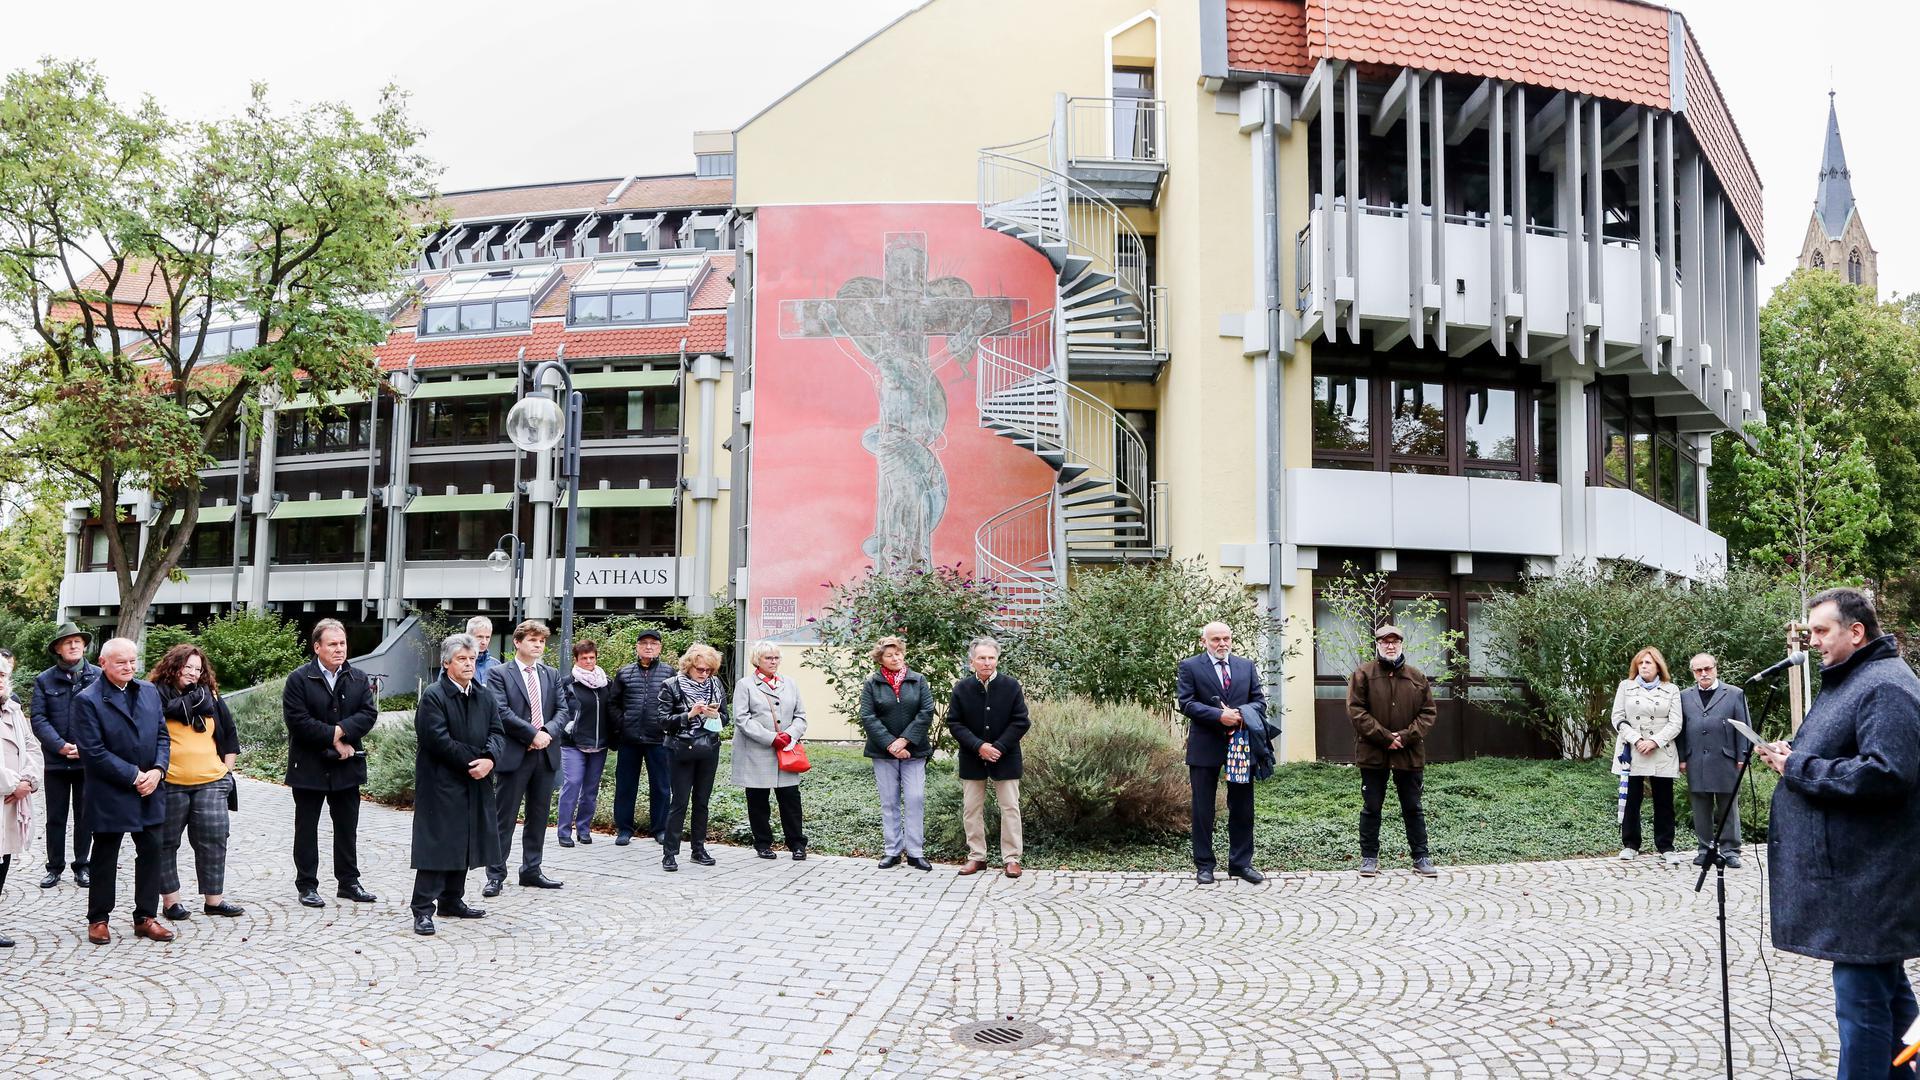 Leute vor Rathausgebäude